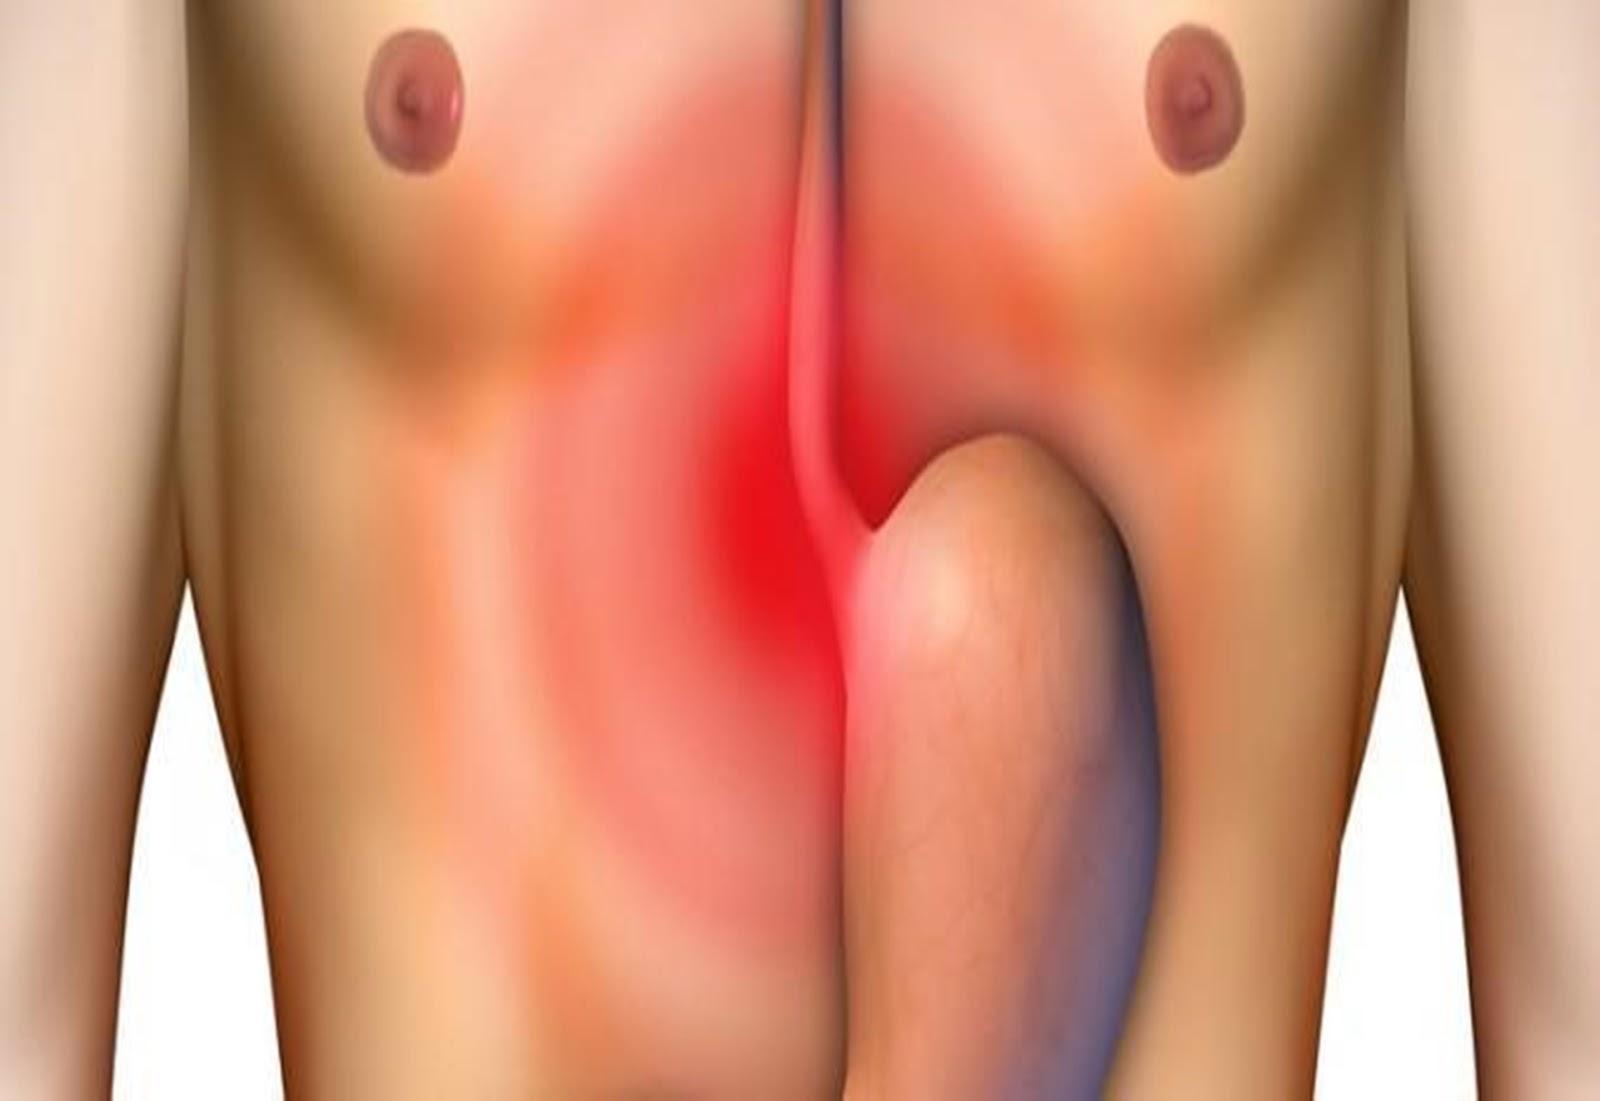 O desequilíbrio de líquidos digestivos no estômago